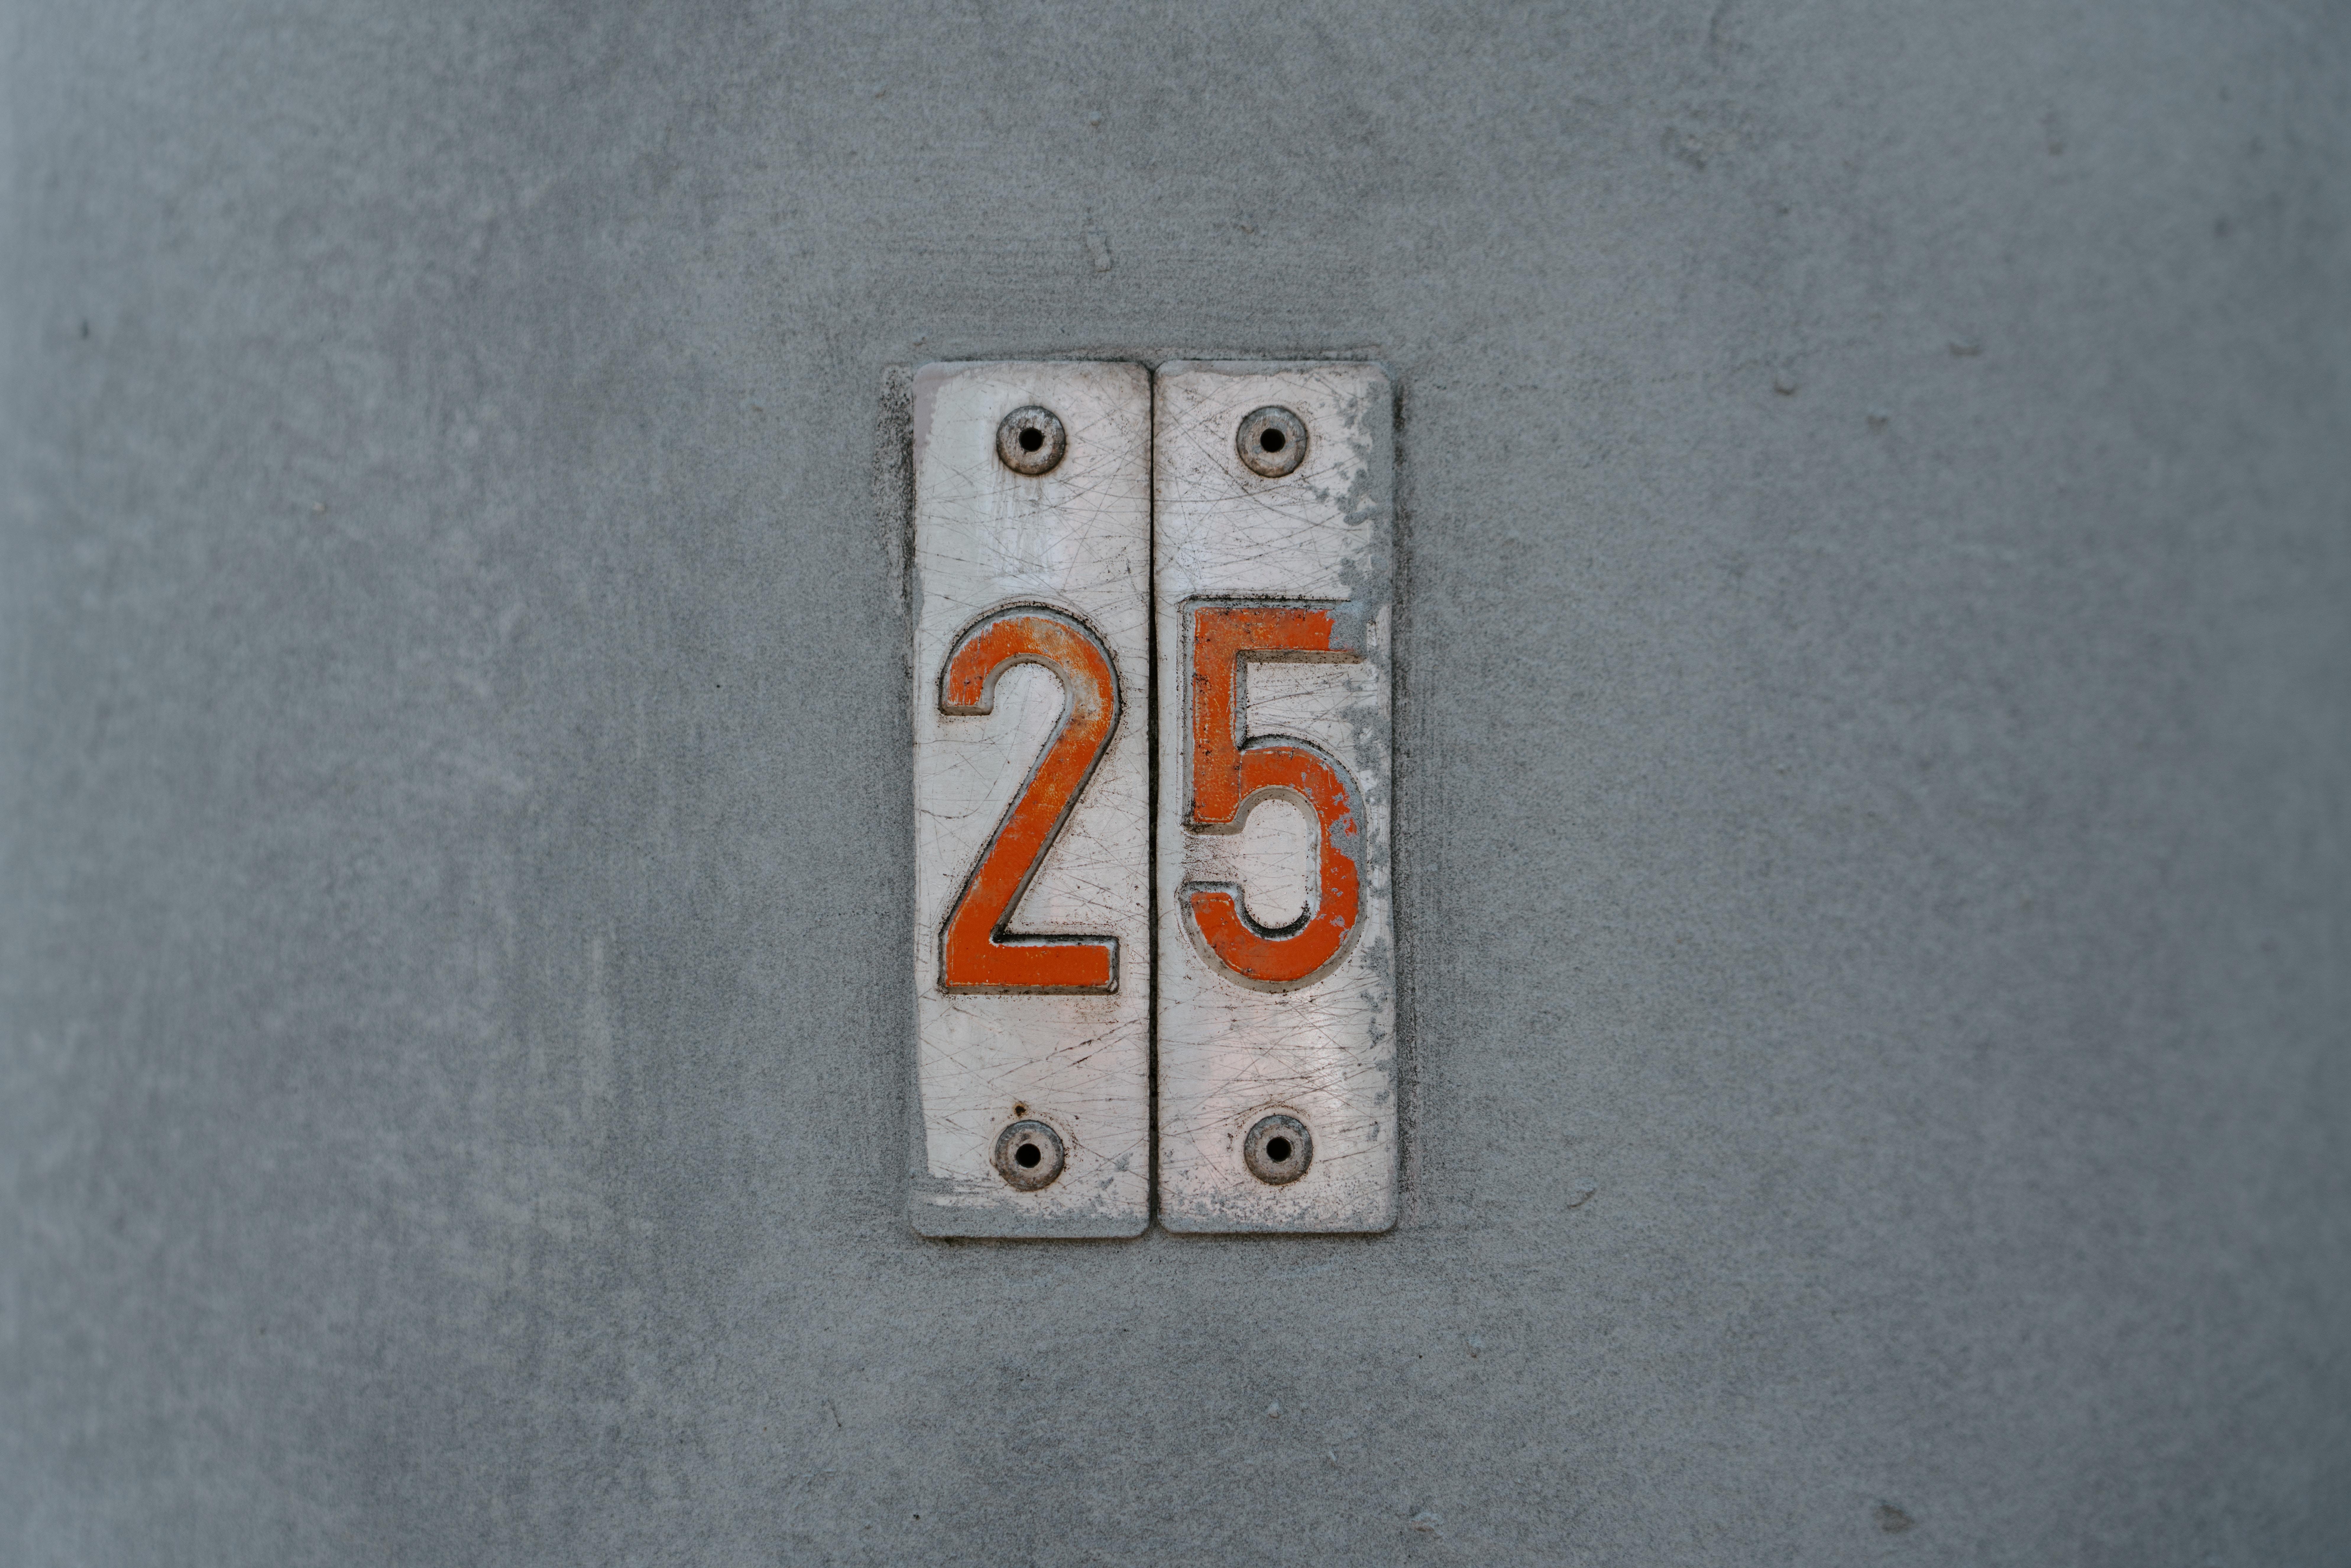 93176 Hintergrundbild herunterladen Symbole, Zeichen, Verschiedenes, Sonstige, Wand, Typenschild, Teller, Zimmer, Zahlen, Anzahl - Bildschirmschoner und Bilder kostenlos